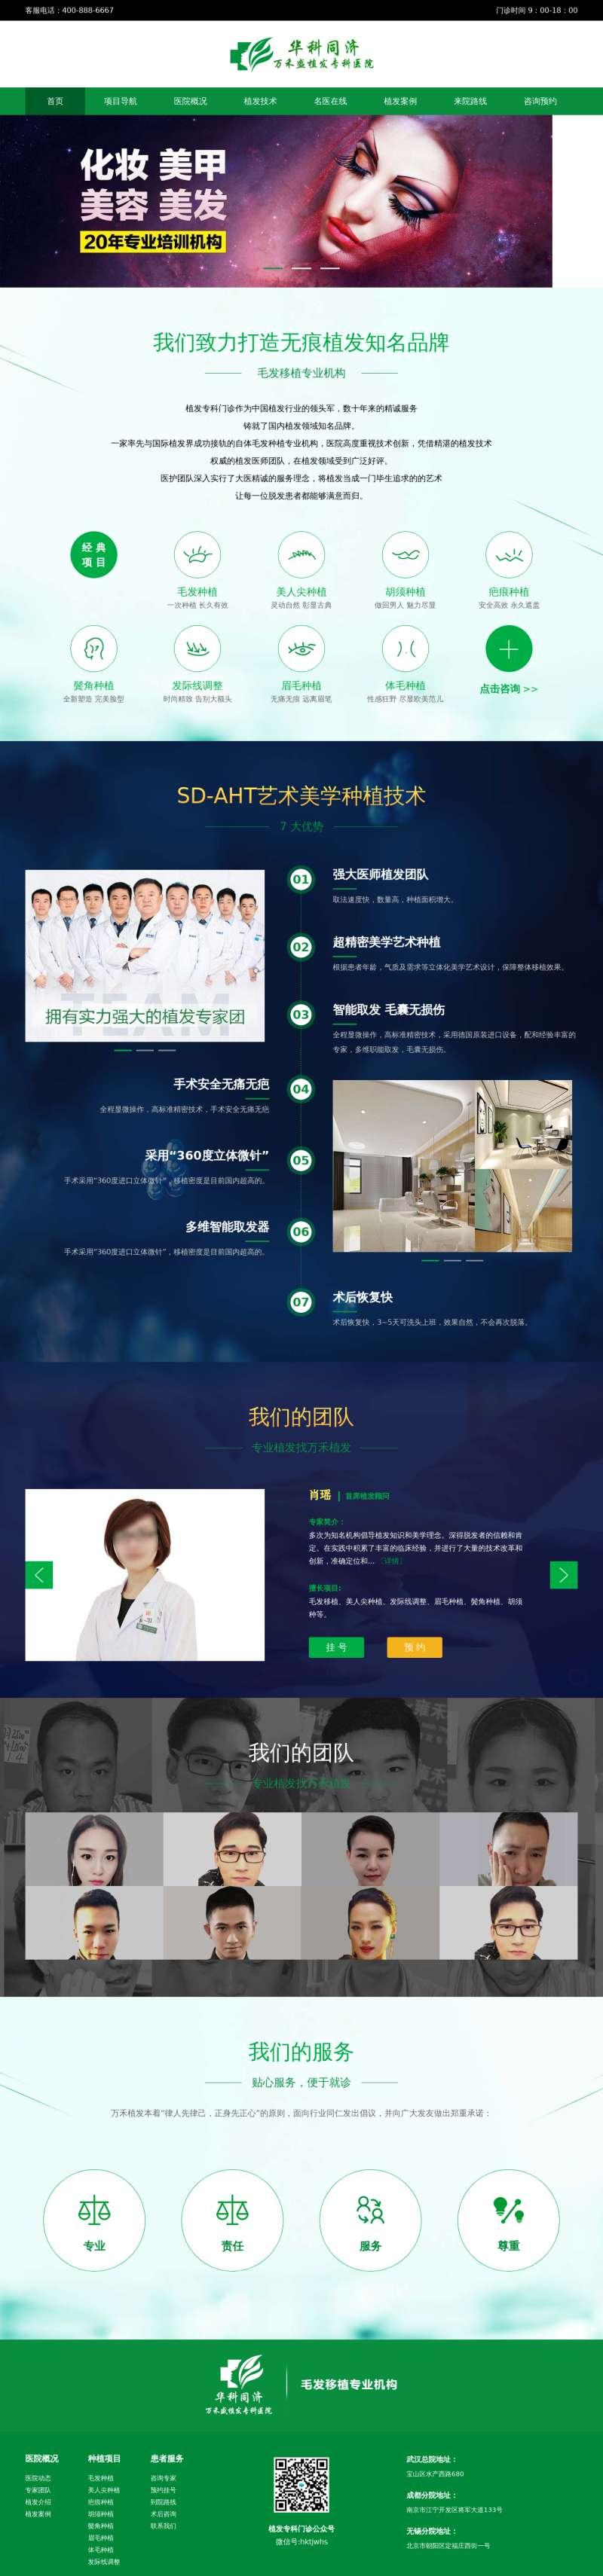 綠色的植發專科醫院HTML網站模板